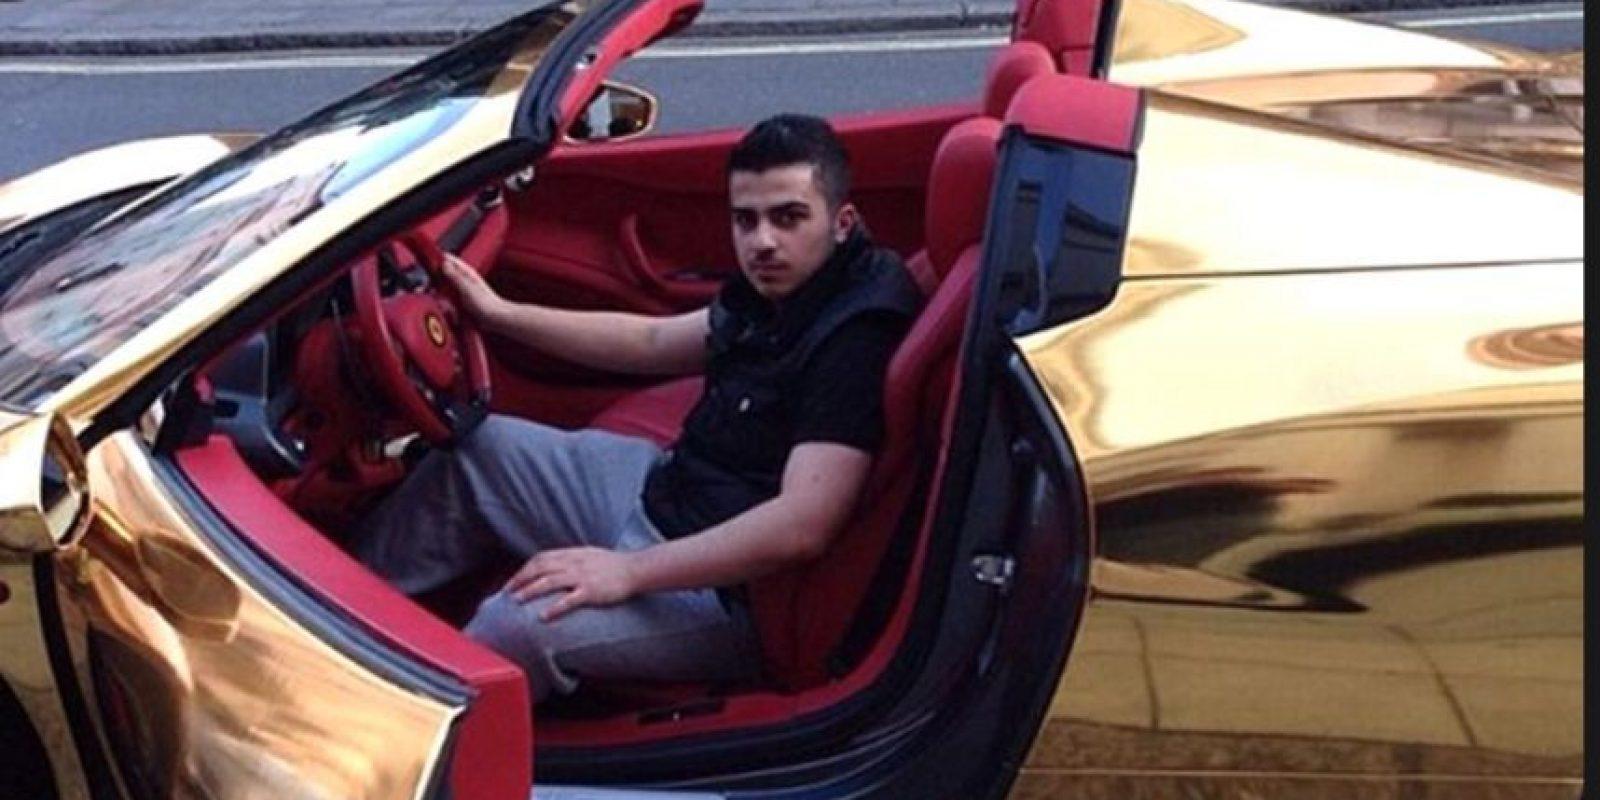 Suelen mostrar lujos como autos. Foto:vía Instagram